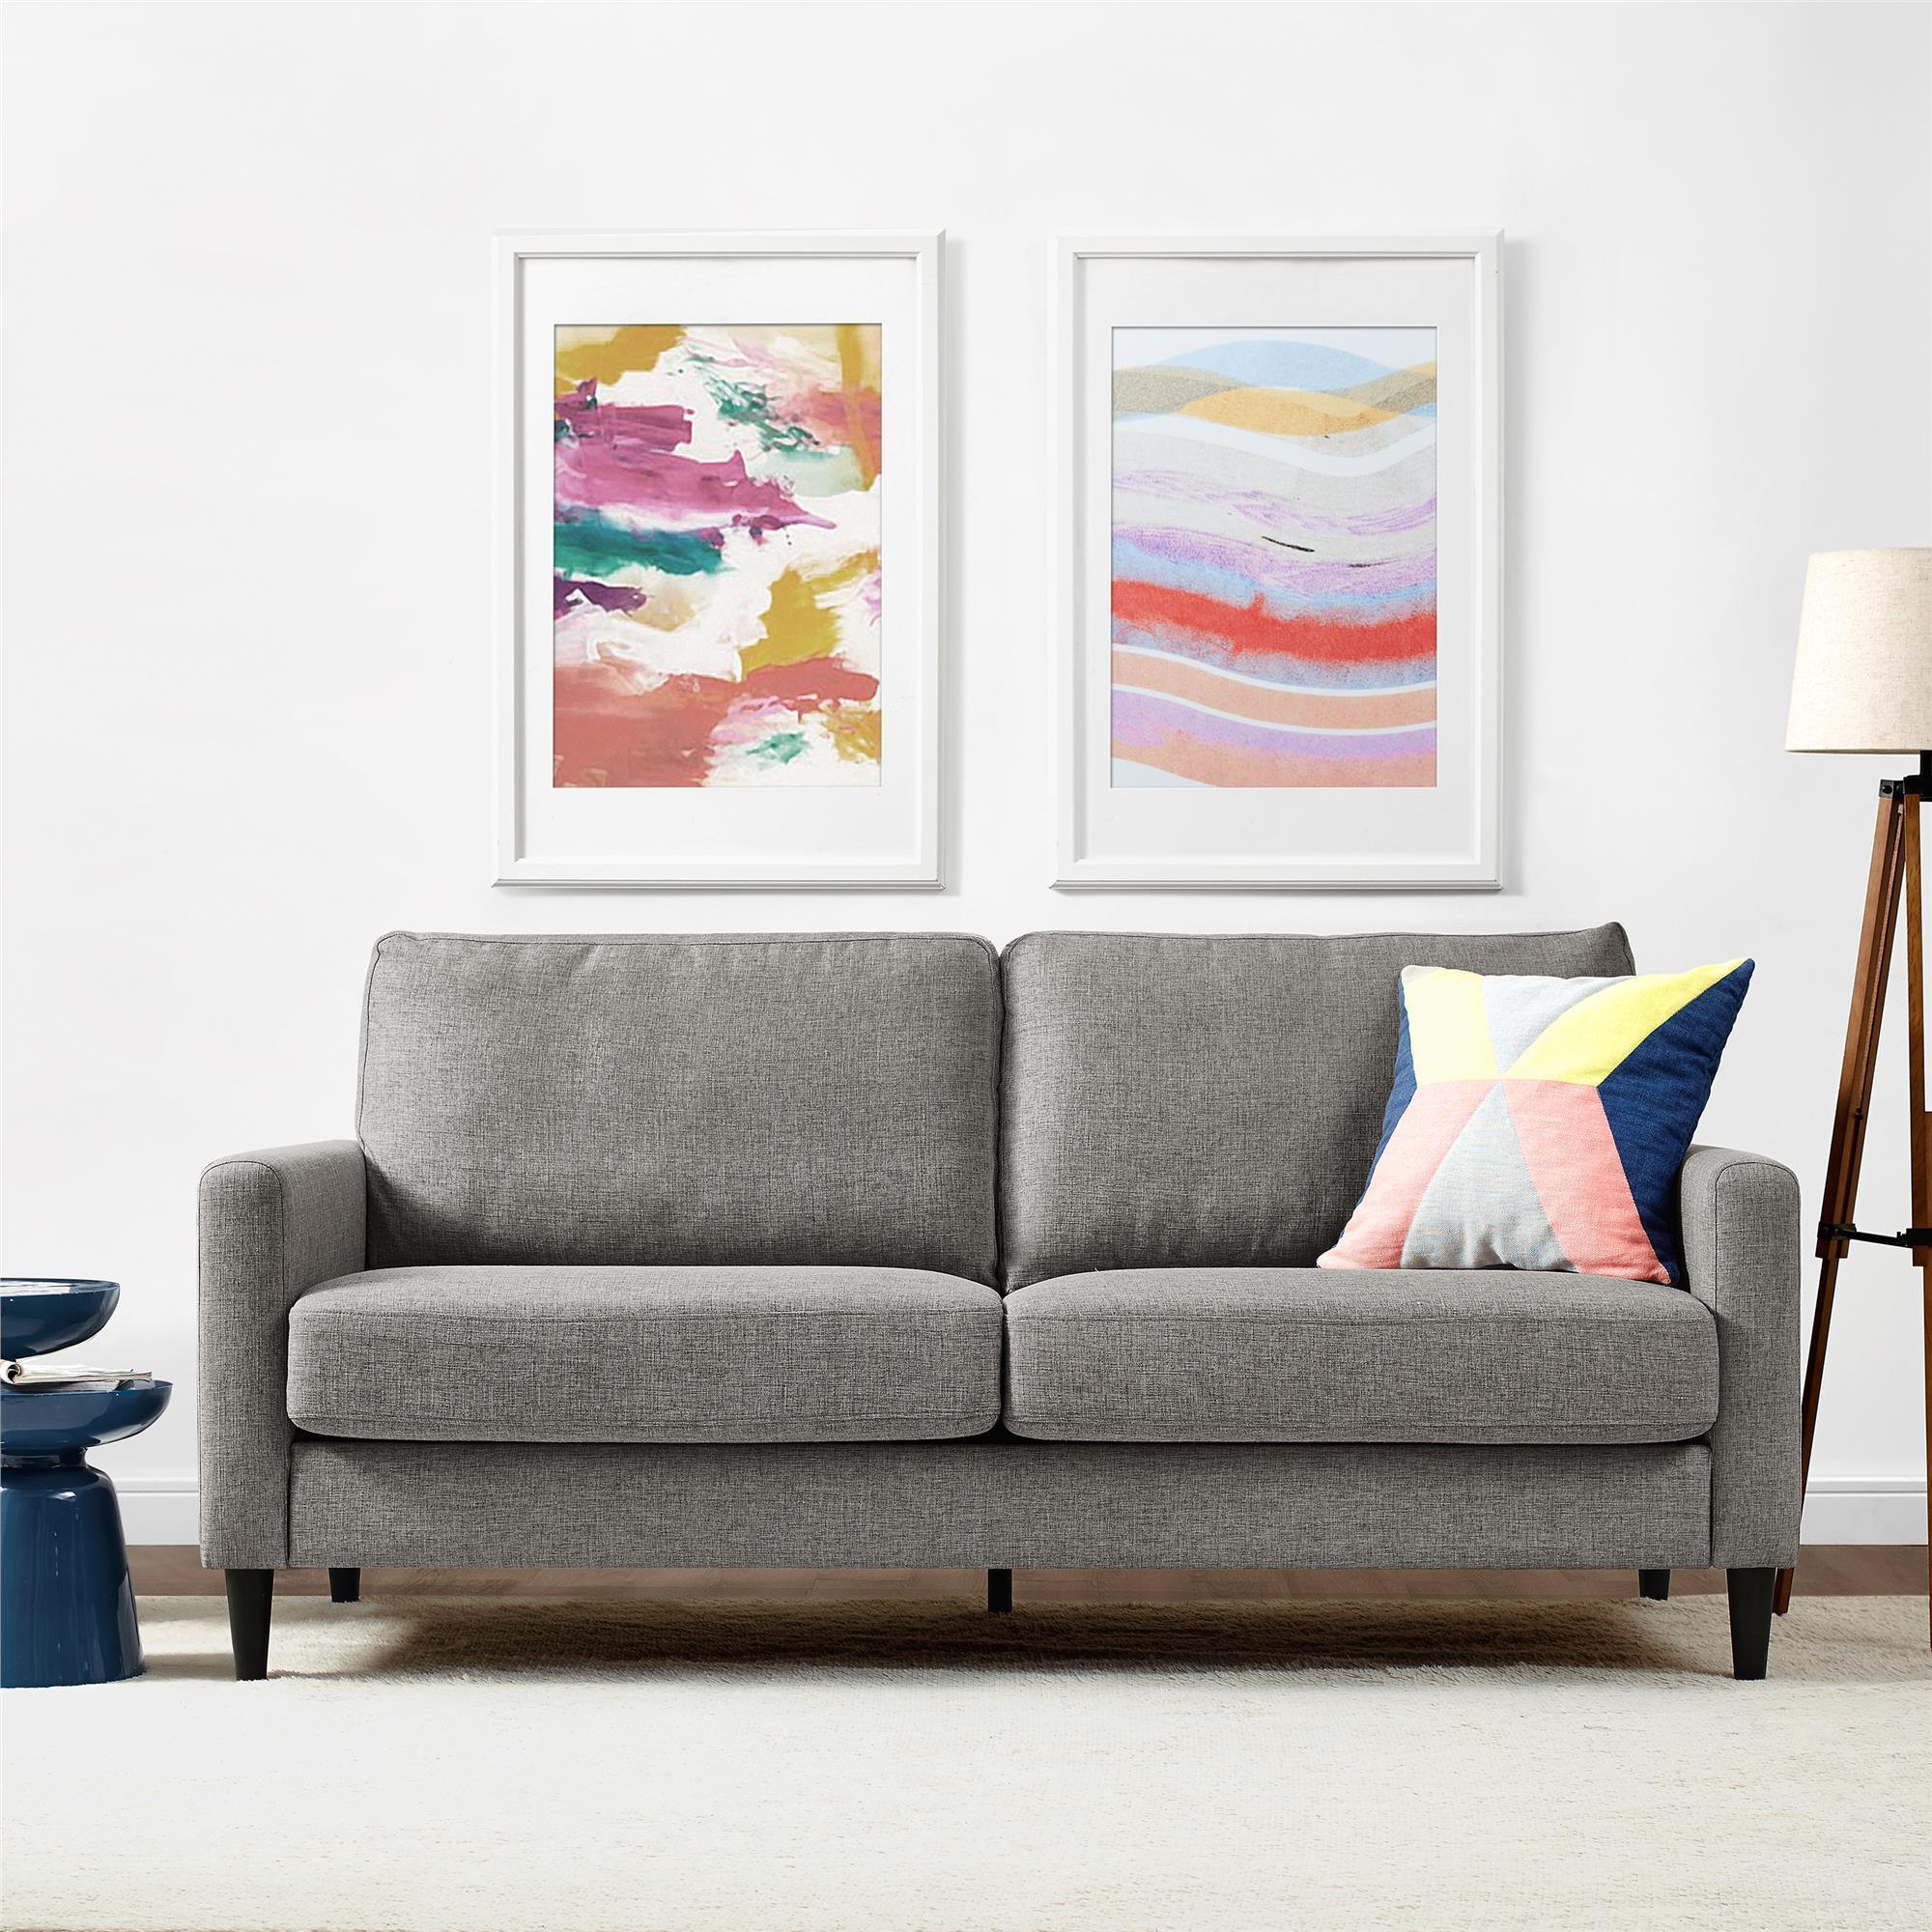 Dorel Asia Dorel Living Kaci Grey Sofa (Sofa, grey) (Fabric)